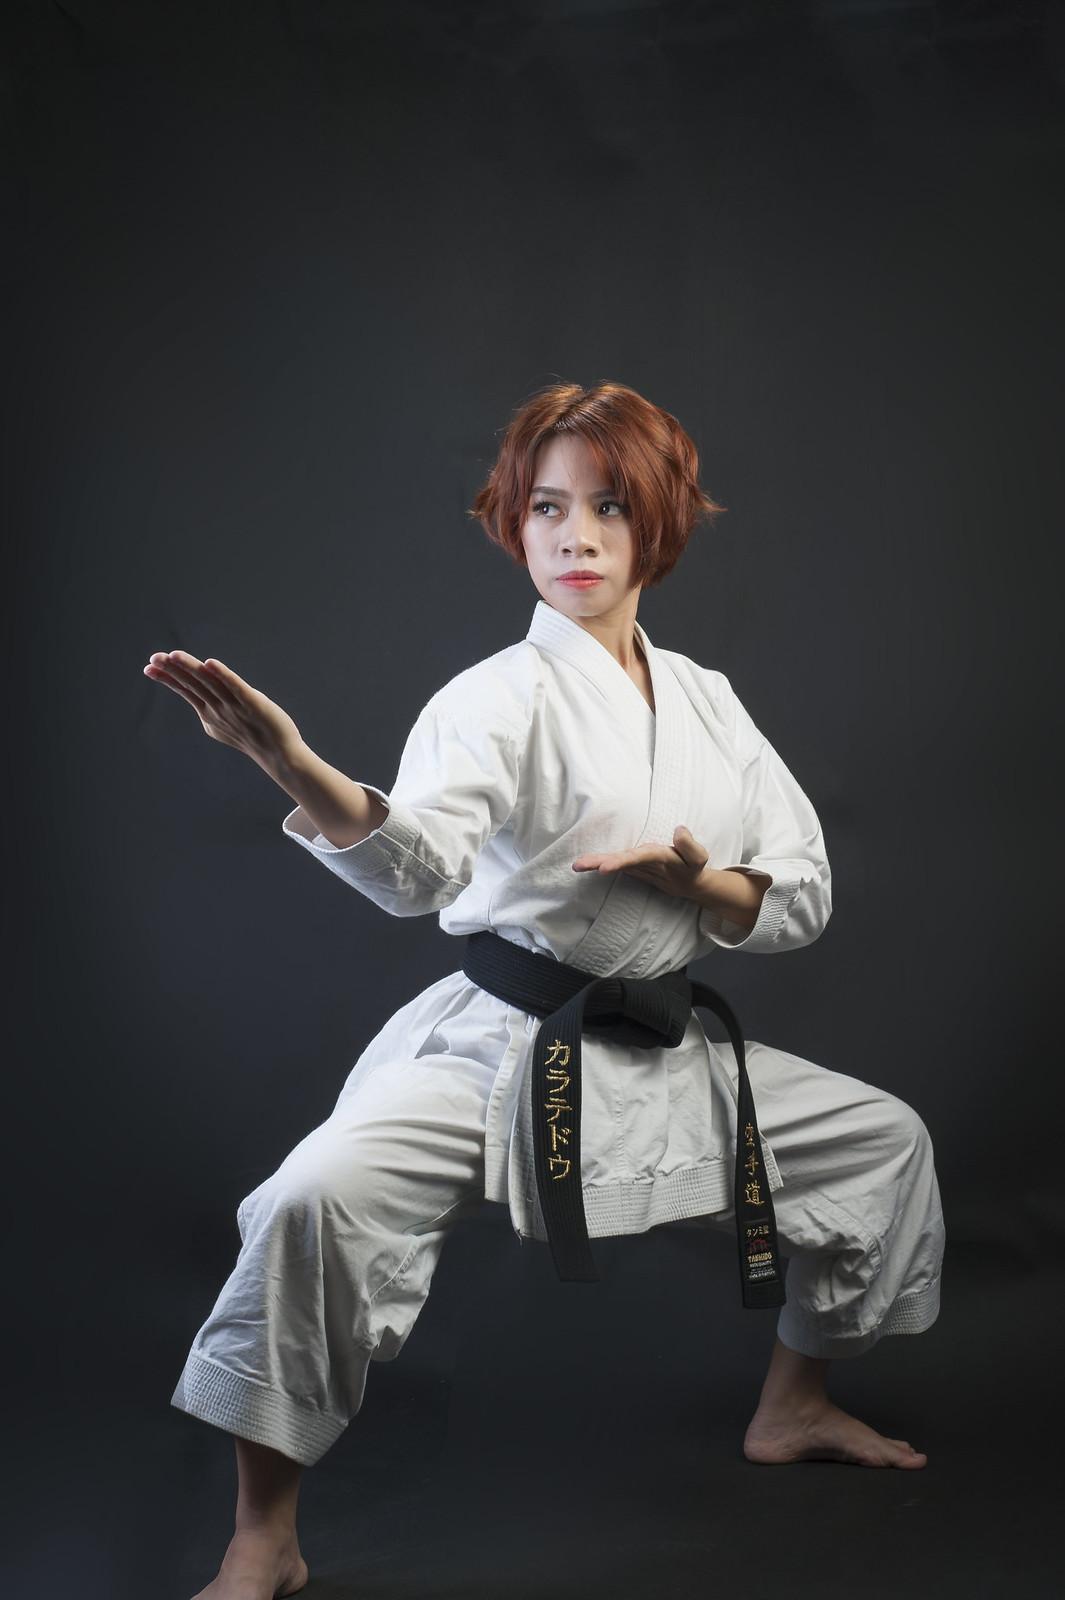 41170413620 2acb2b5c9e h - Bộ ảnh võ thuật Karate Girl phiên bản Việt